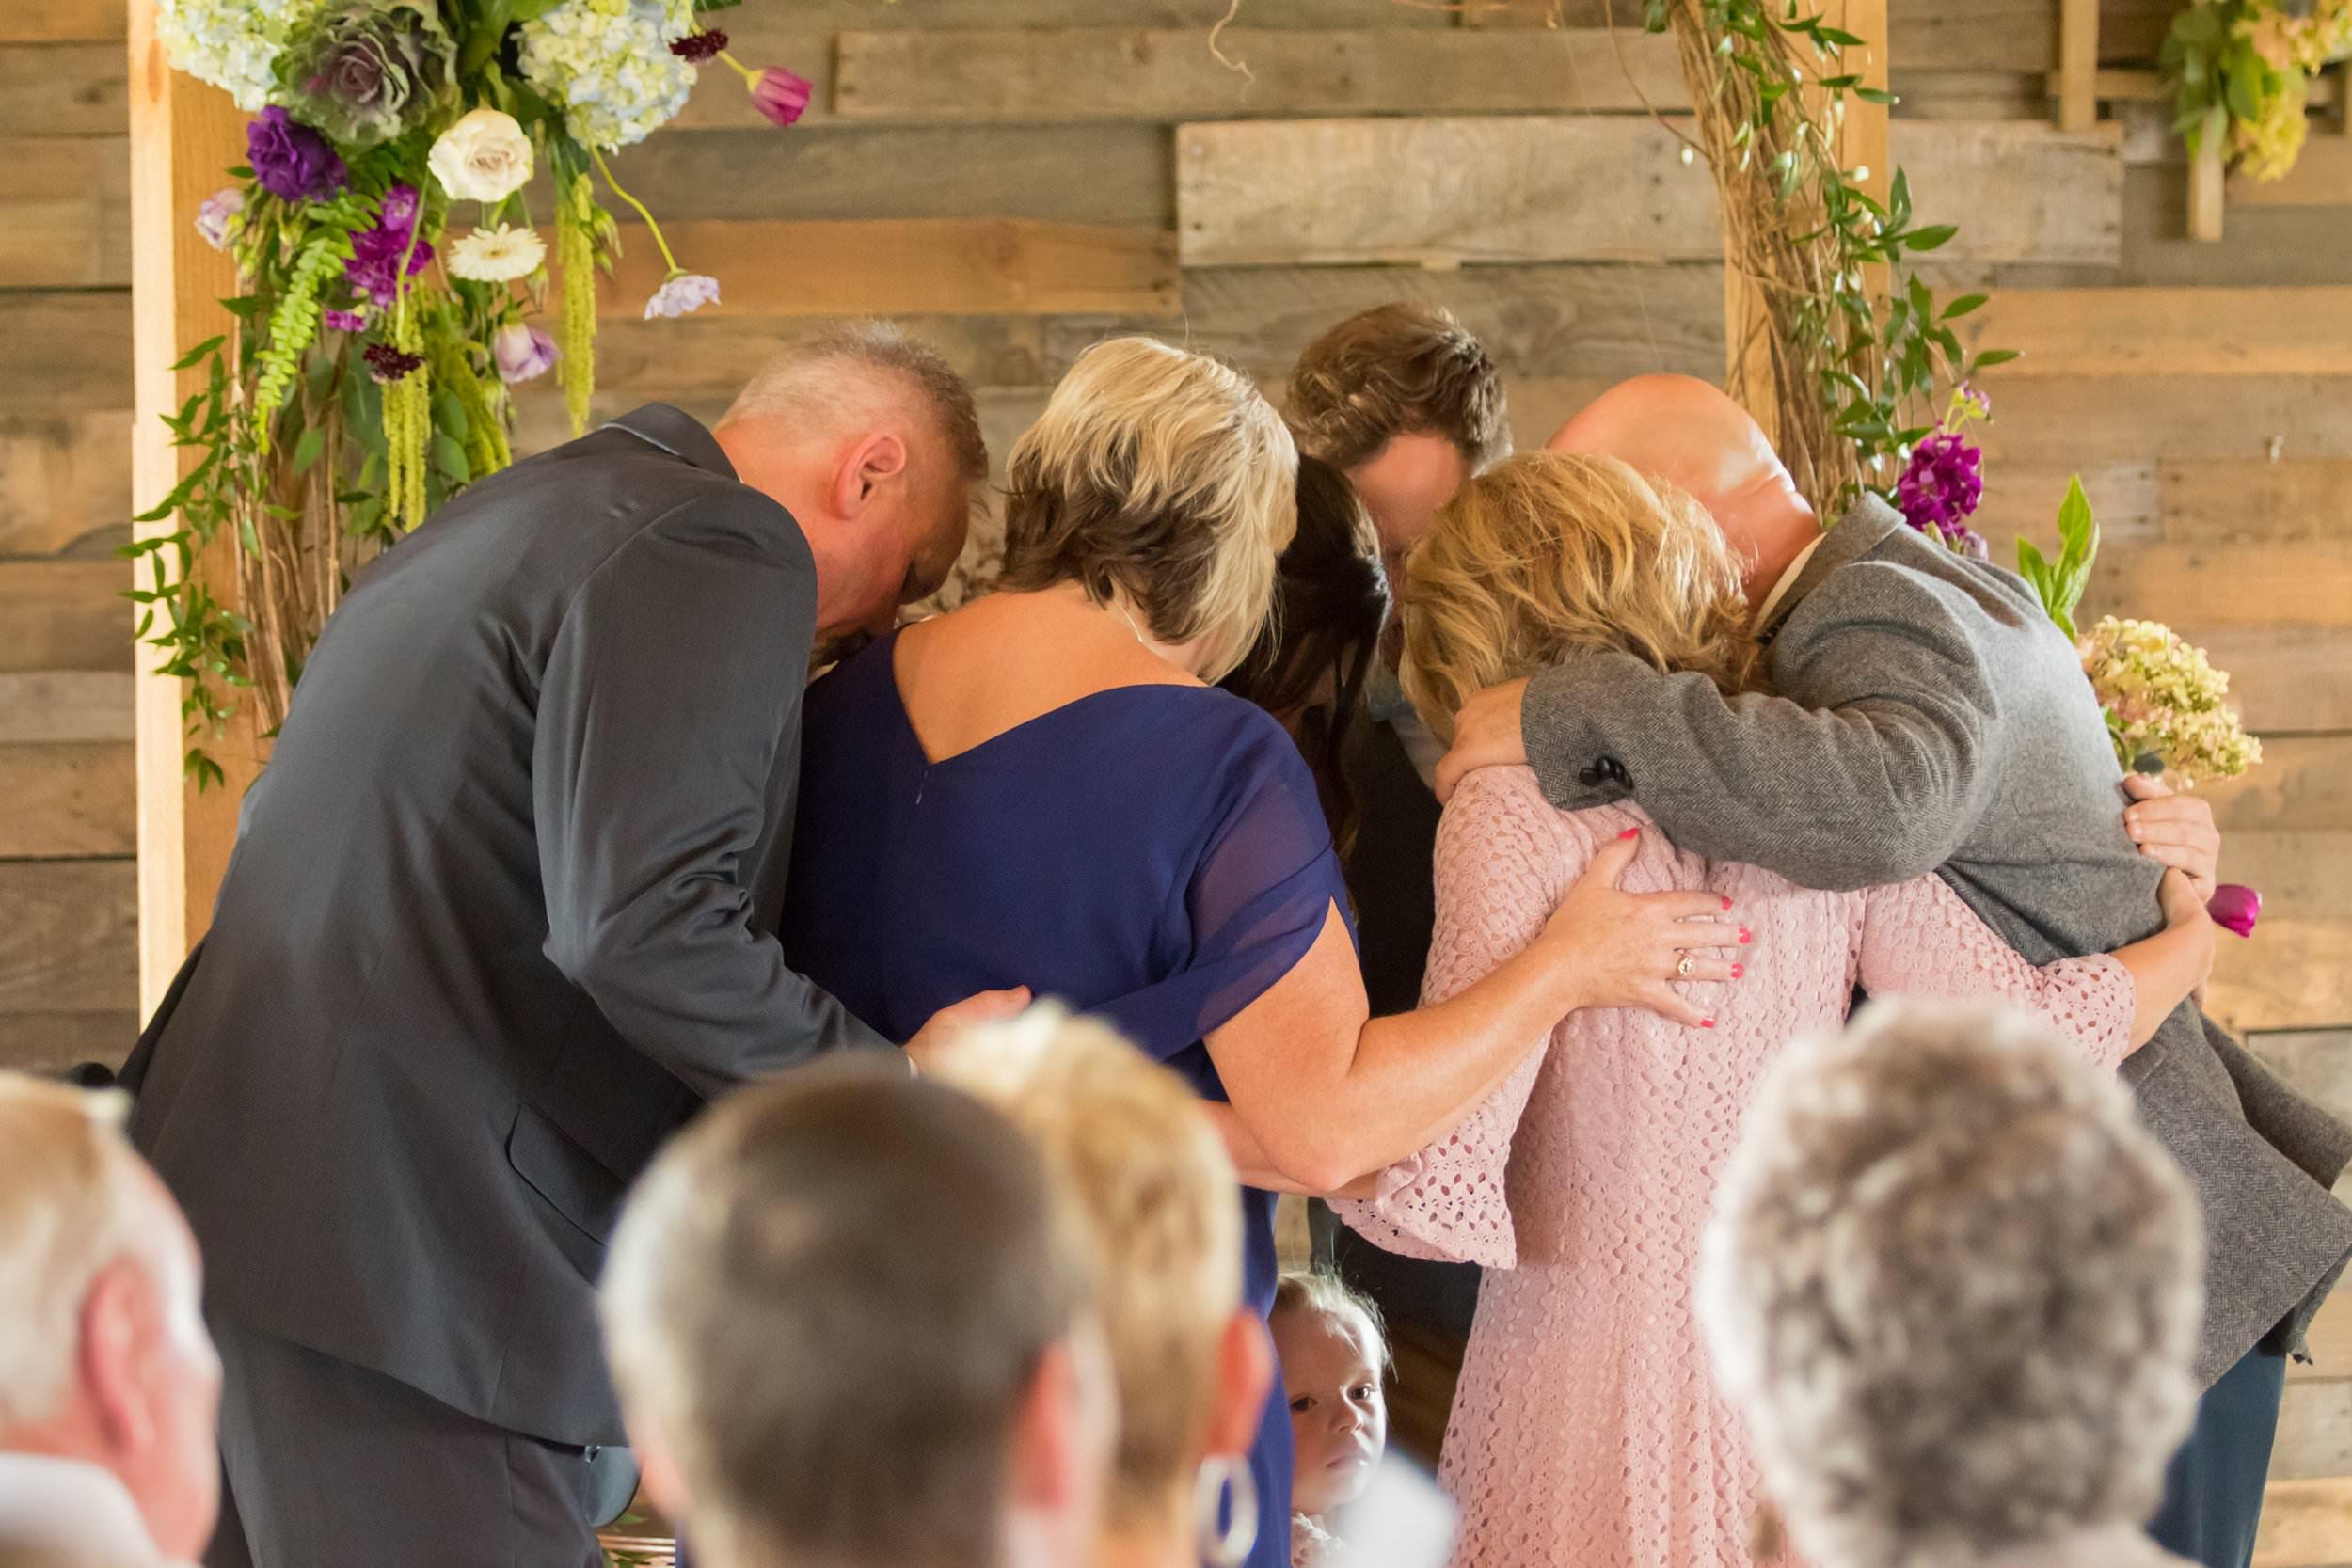 Abby-Manor-Events-Wedding-Photos41.jpg